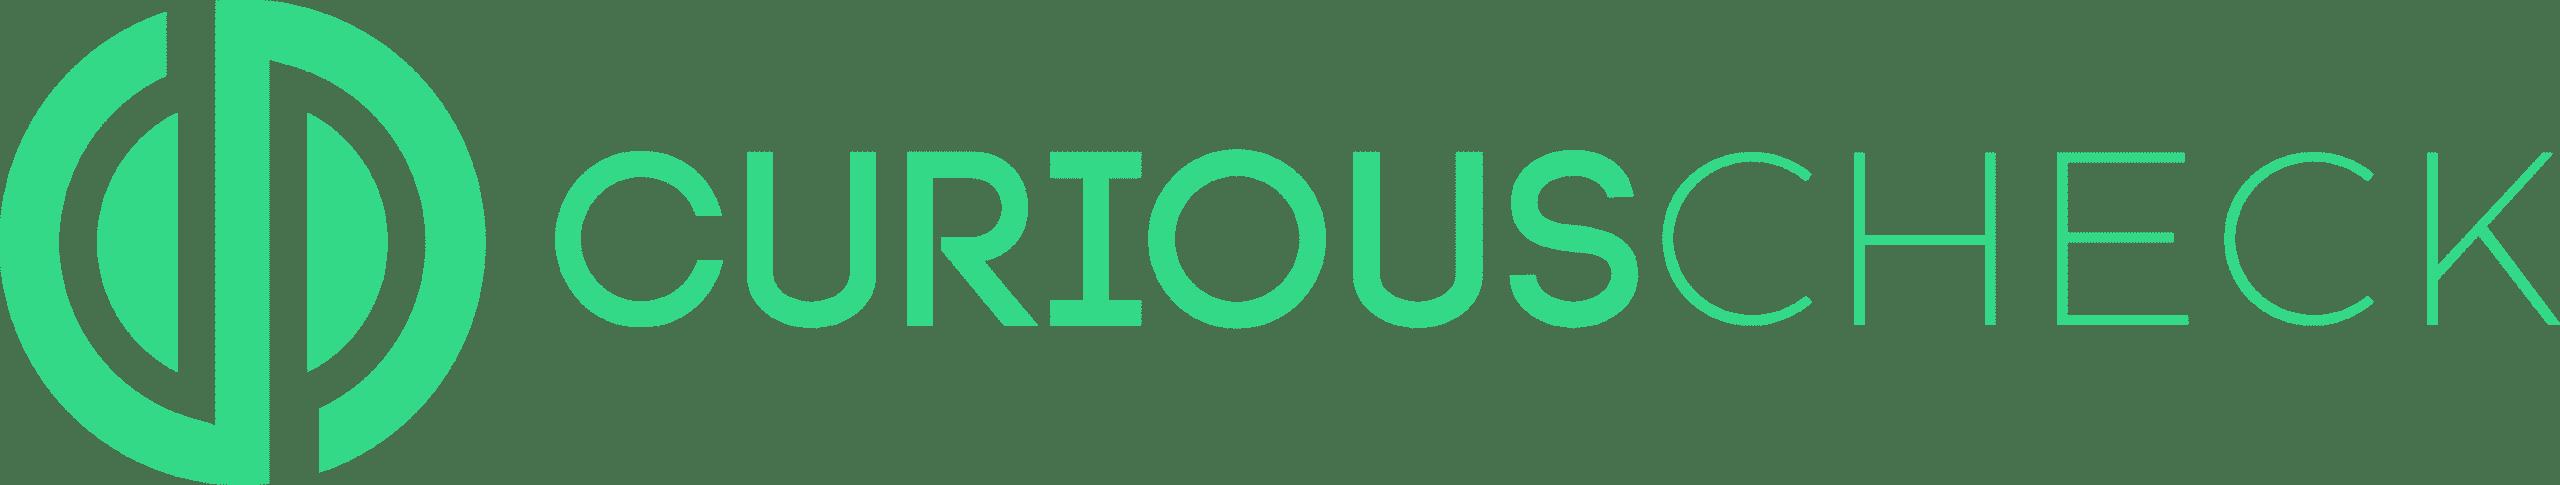 CuriousCheck Atlanta Georgia digital marketing and SEO